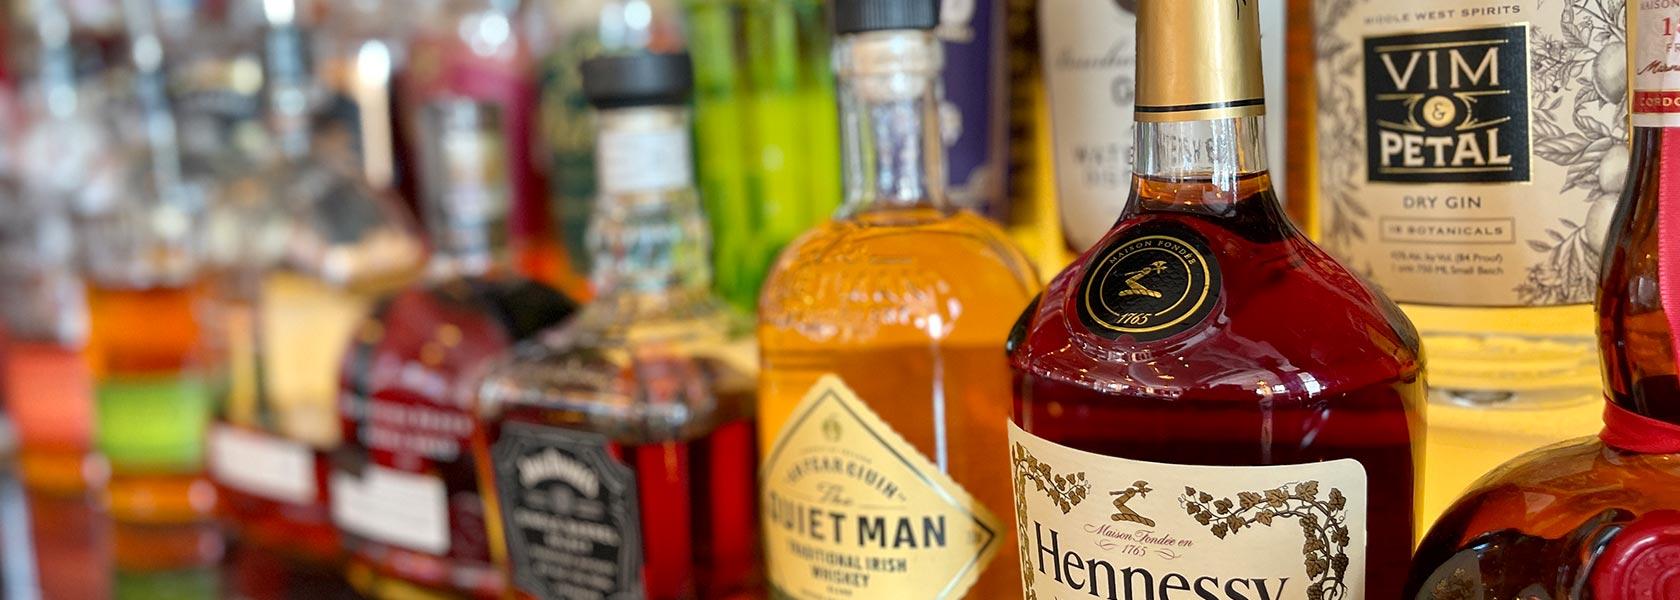 Bottles of spirits on bar.